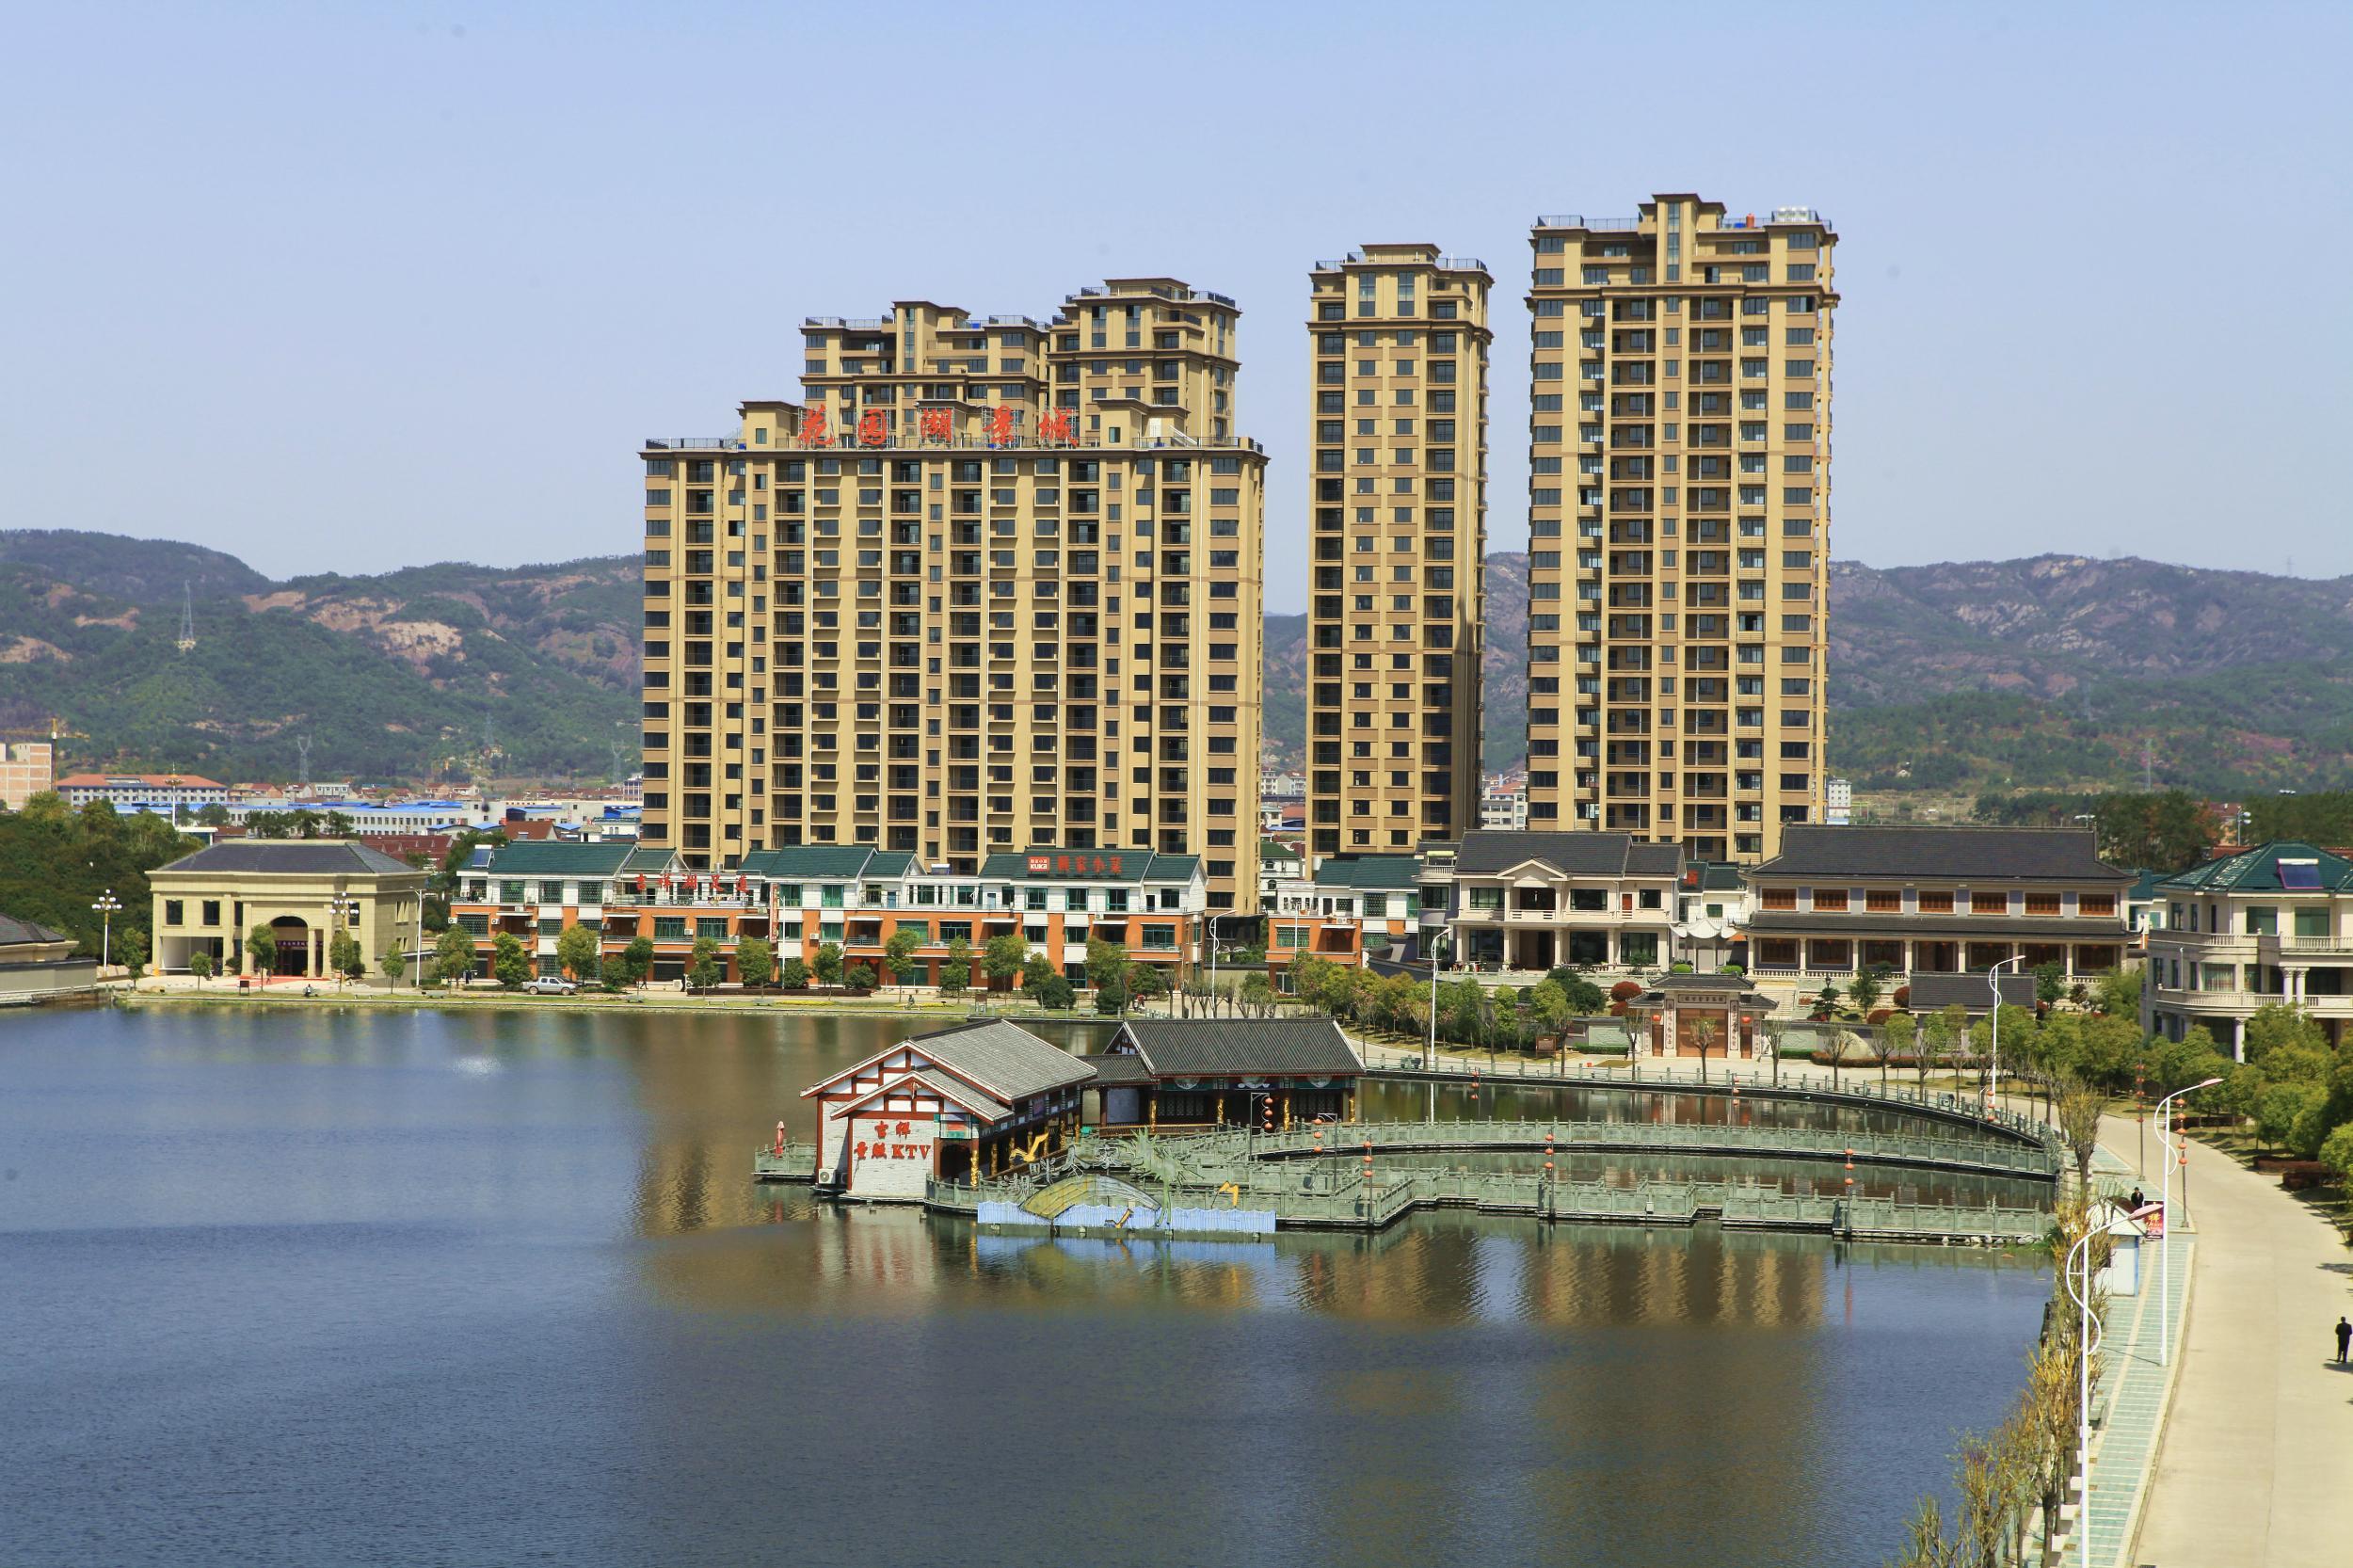 悠悠南江蜿蜒境内  南马镇多产业创新发展